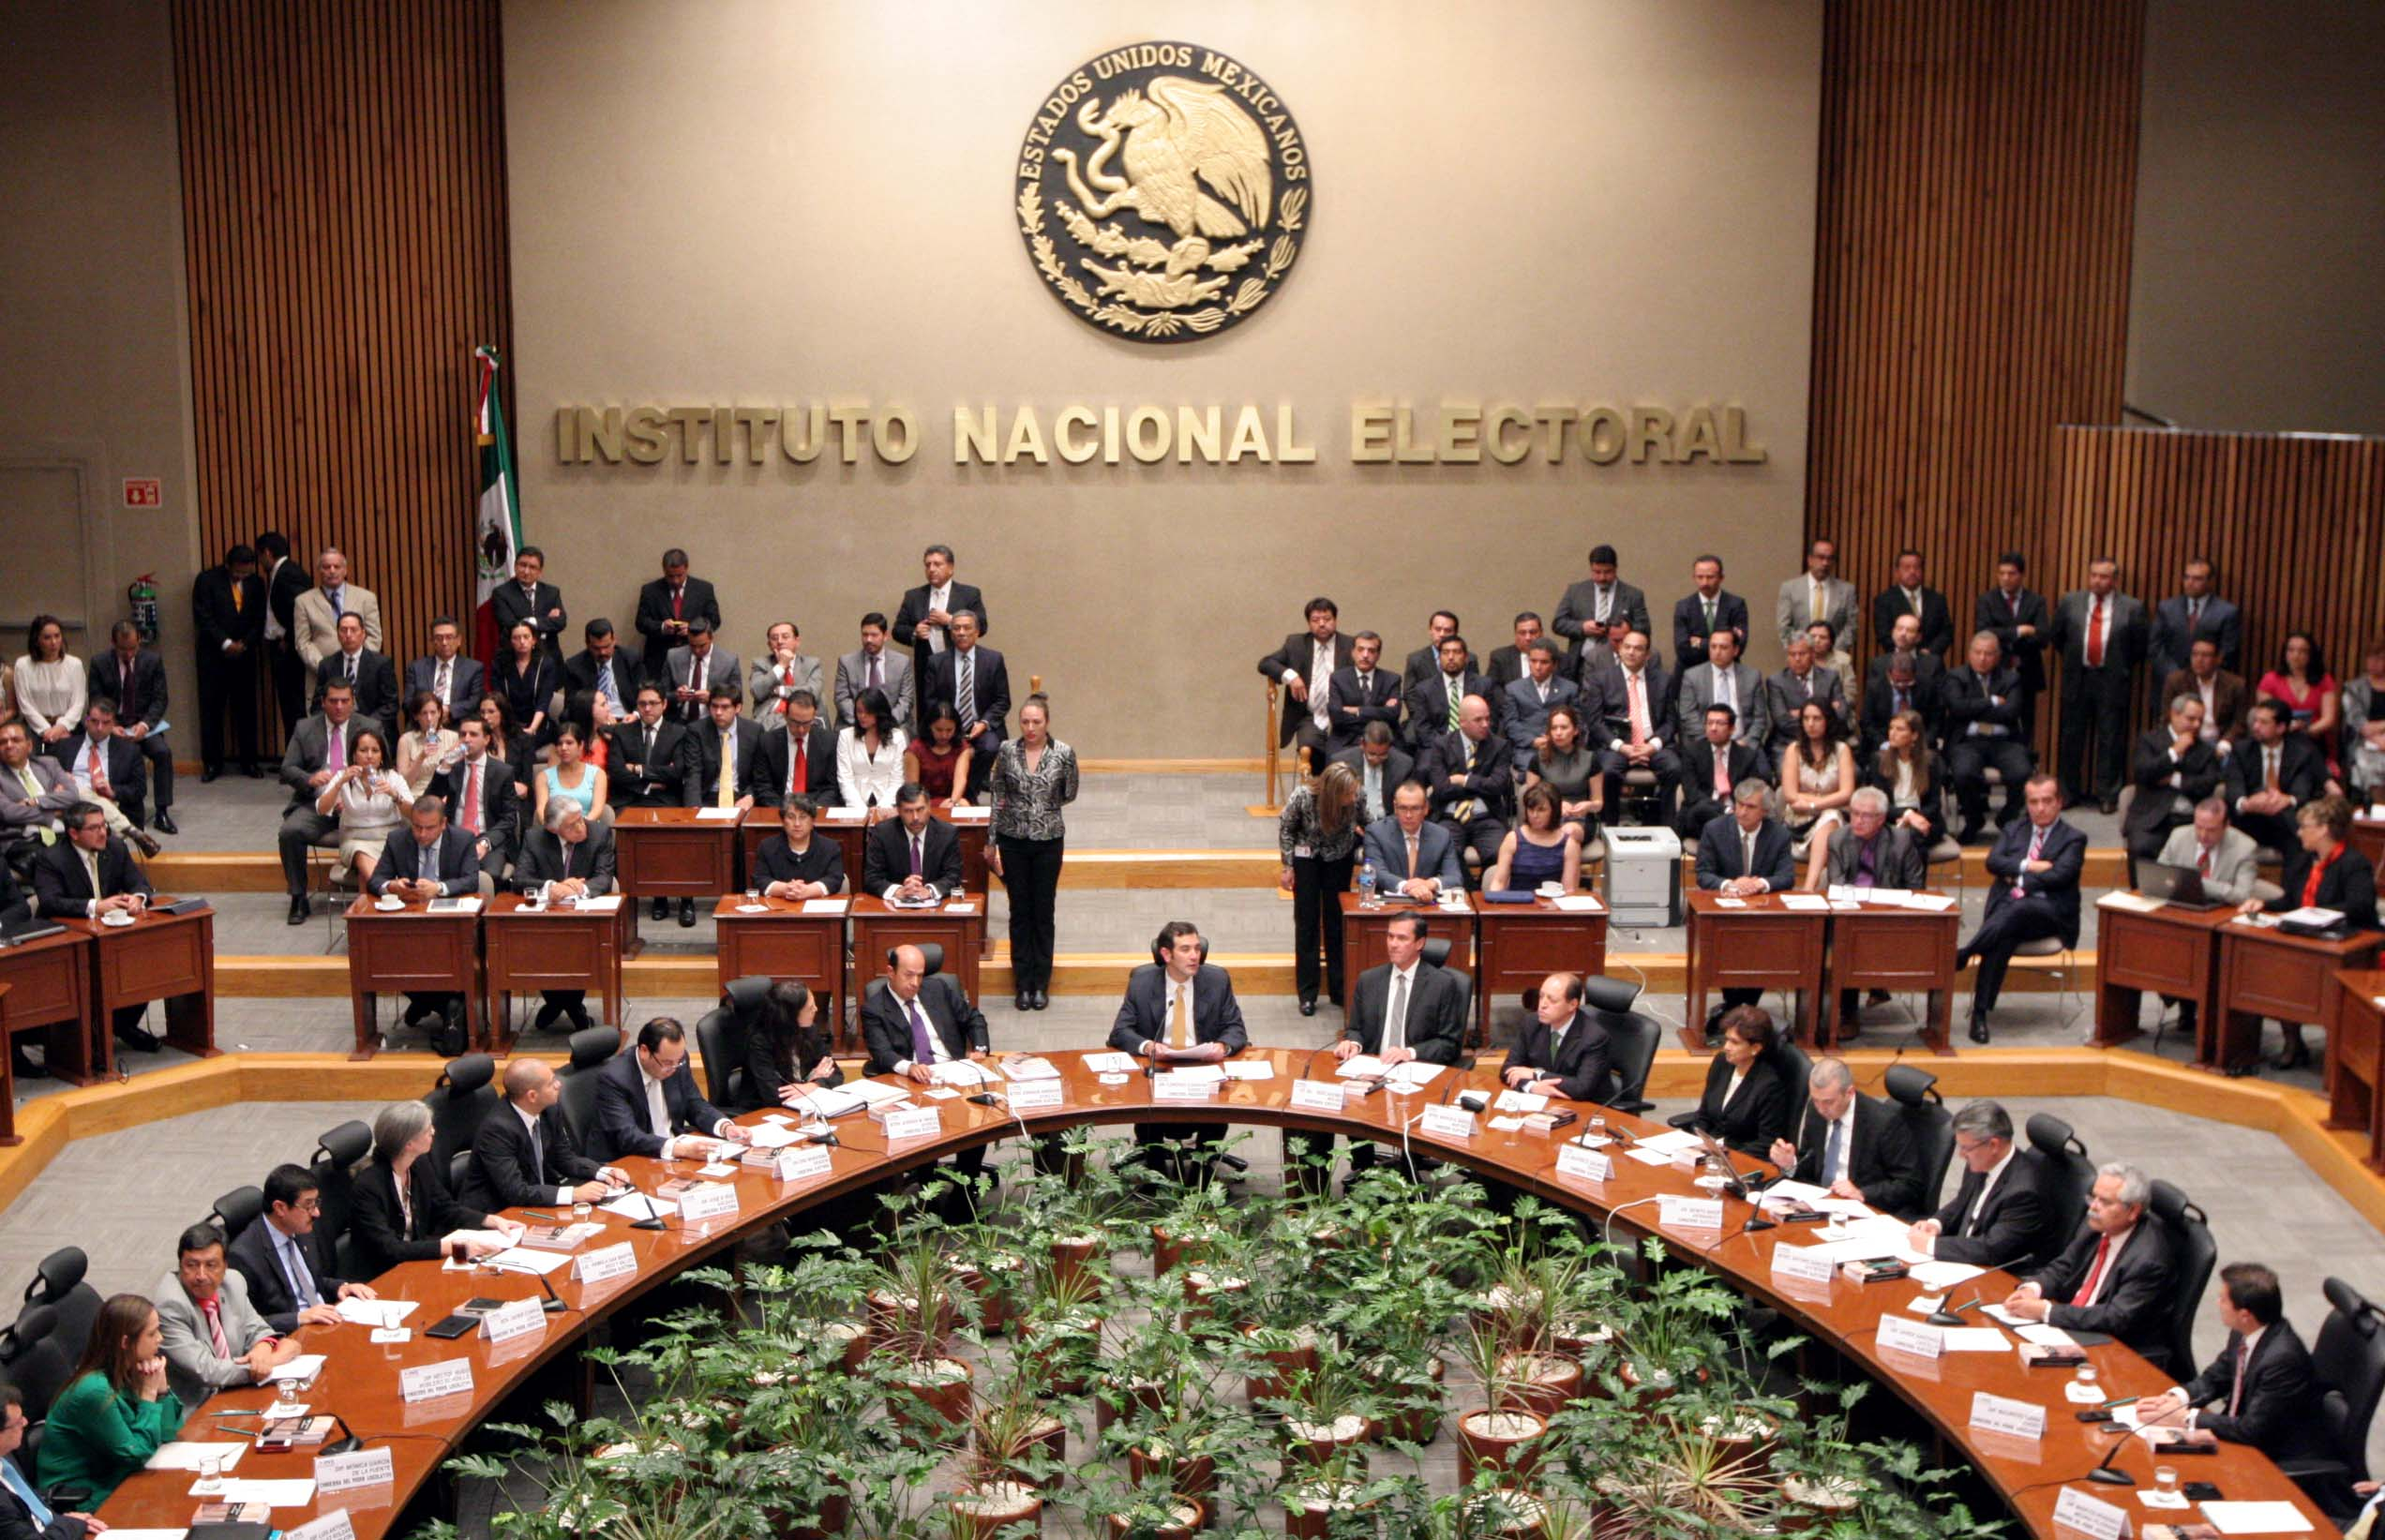 56 MIEMBROS DEL SERVICIO PROFESIONAL ELECTORAL NACIONAL OBTIENEN MAESTRÍA EN PROCESOS E INSTITUCIONES ELECTORALES